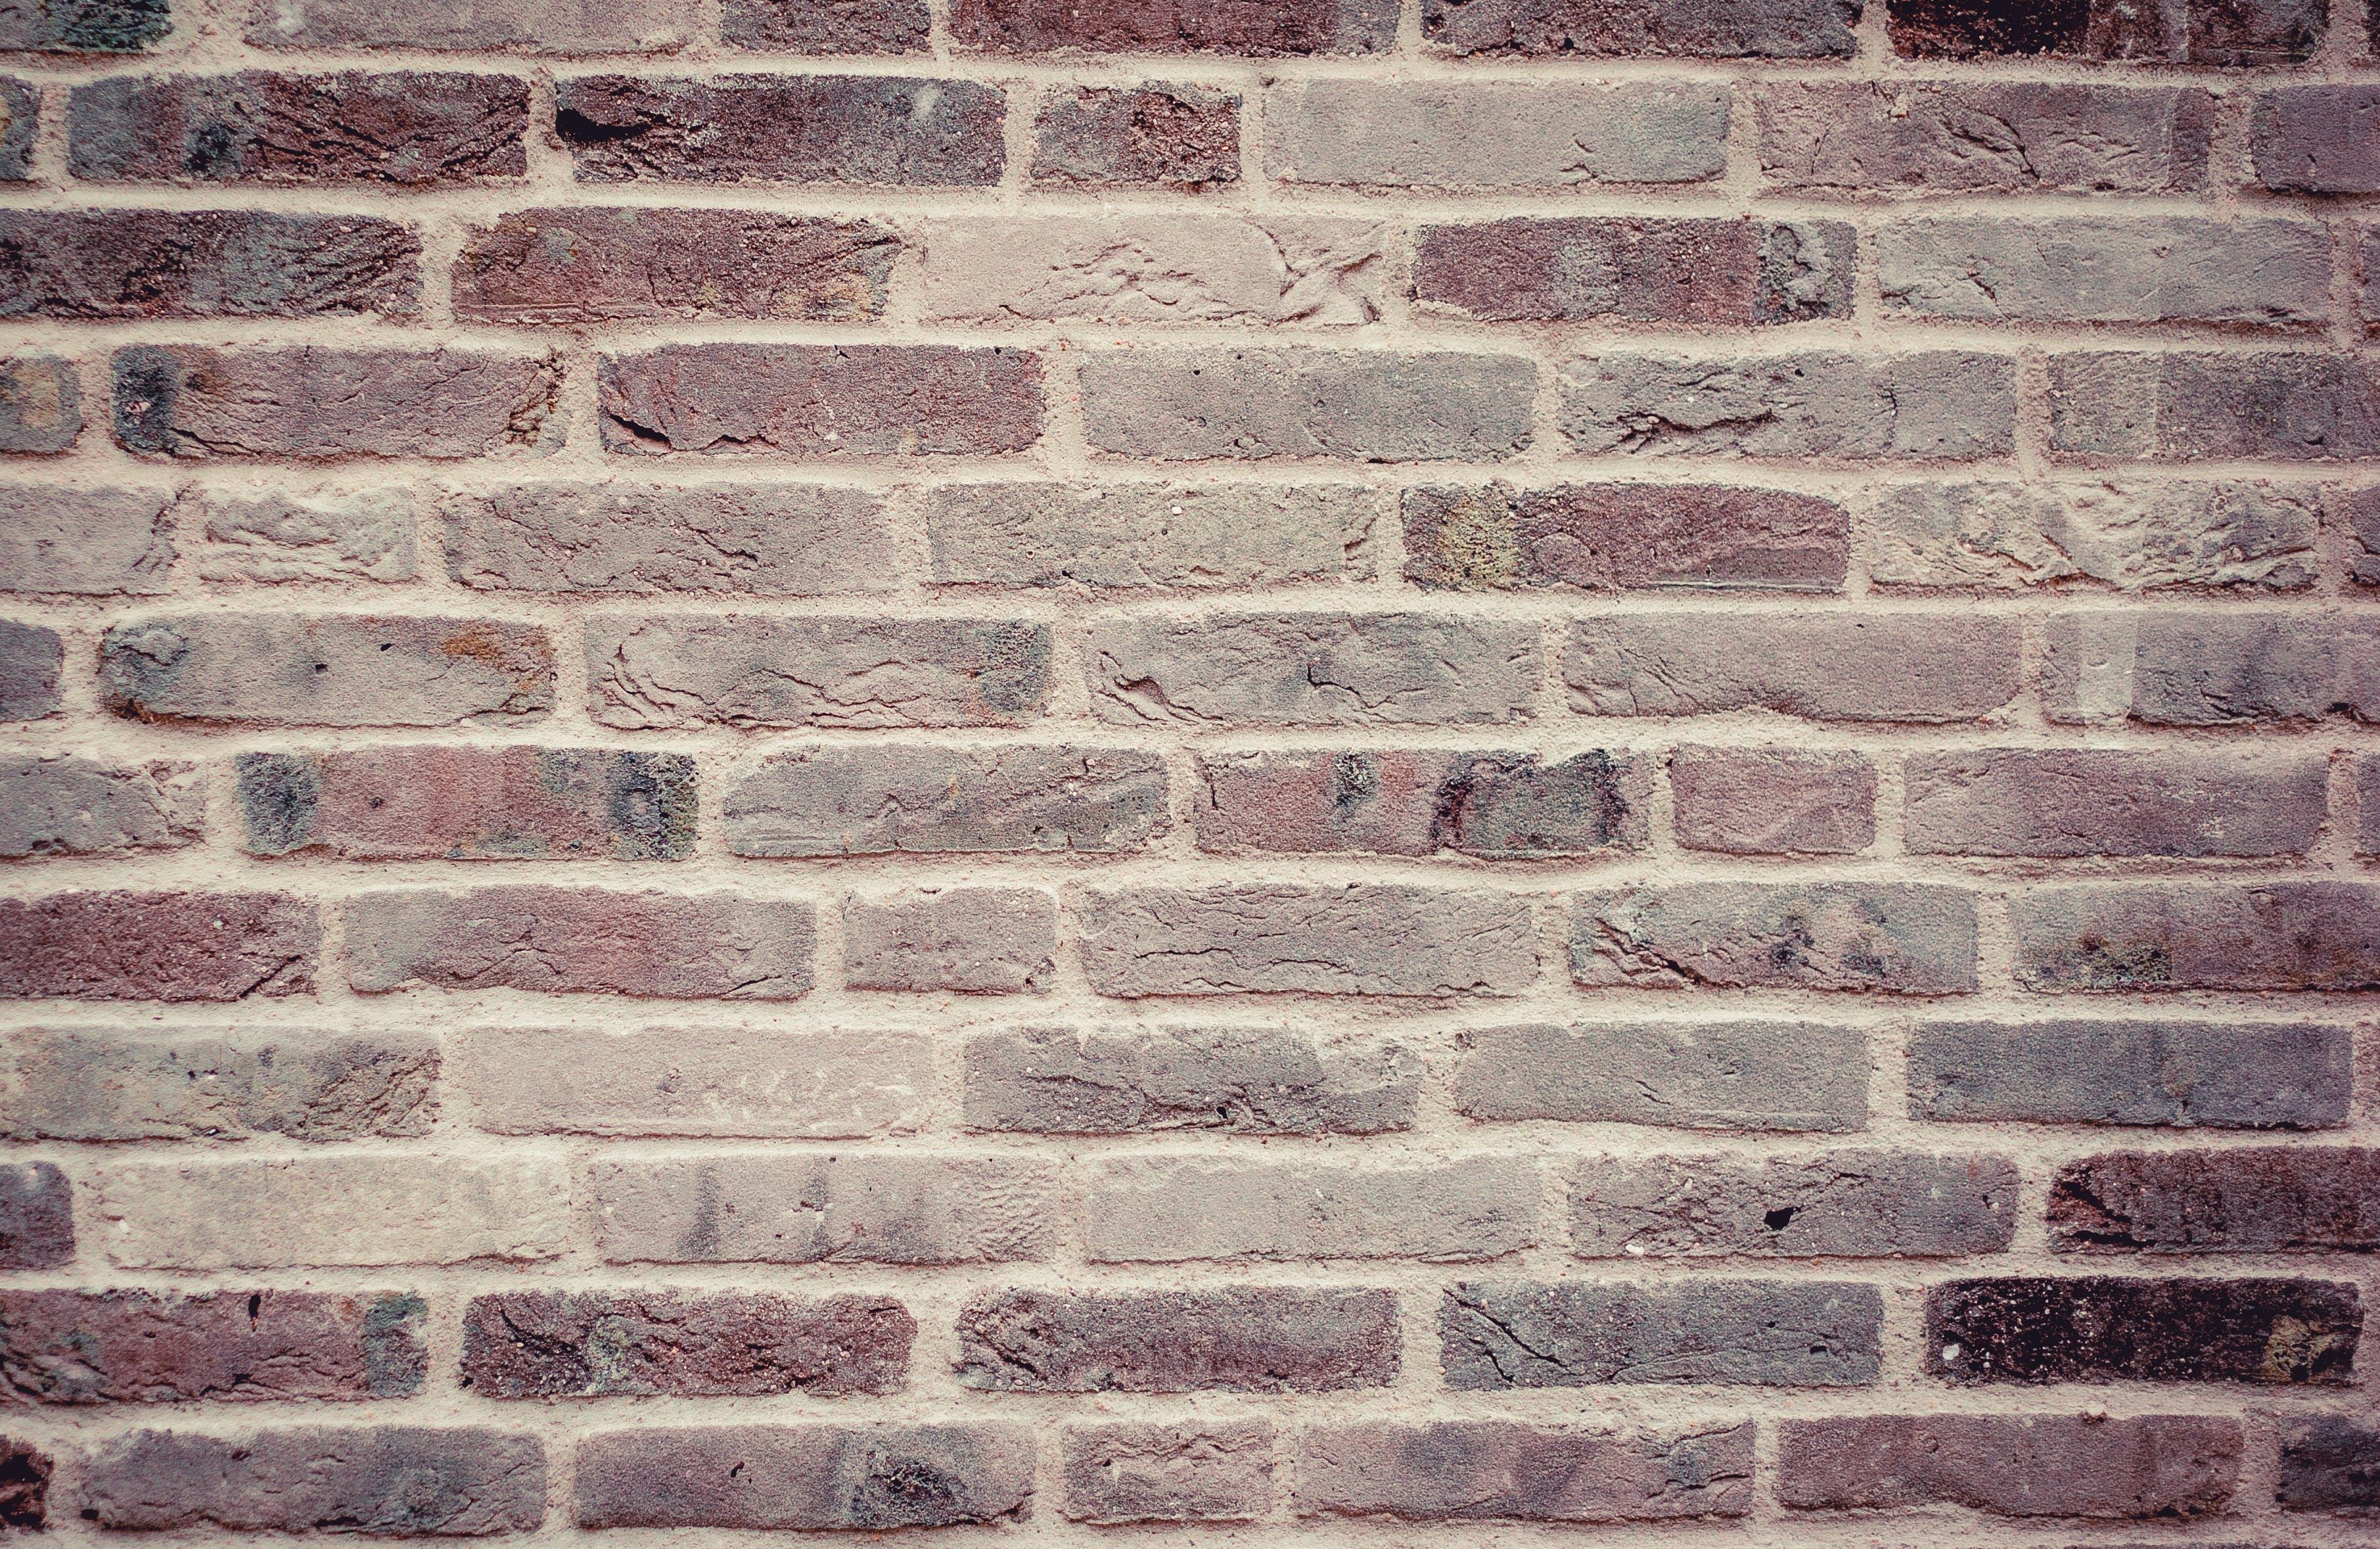 Brown and Grey Wall Brick